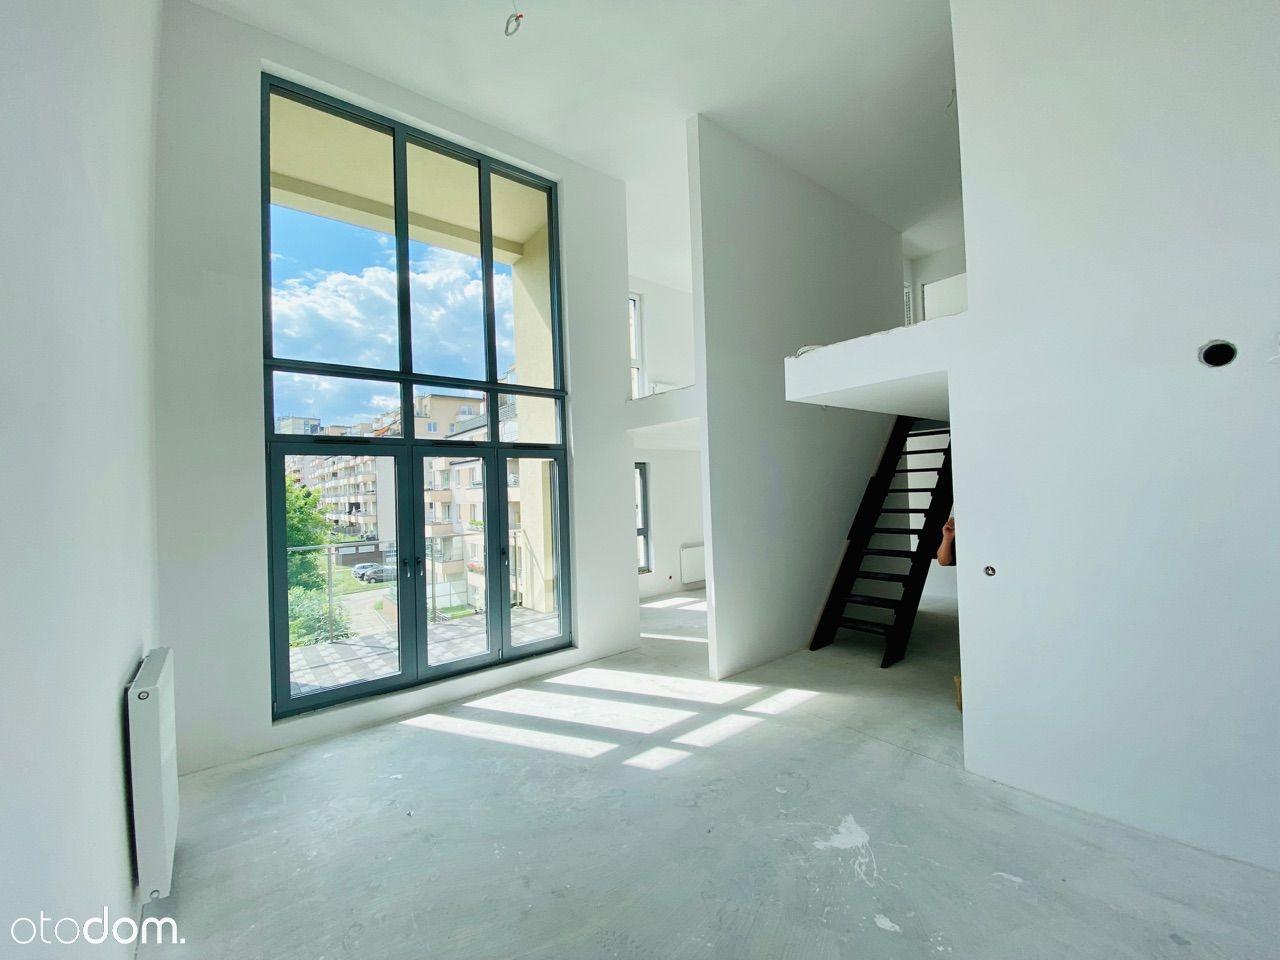 Apartament dla wymagających, sufit 5,5m! GOTOWY